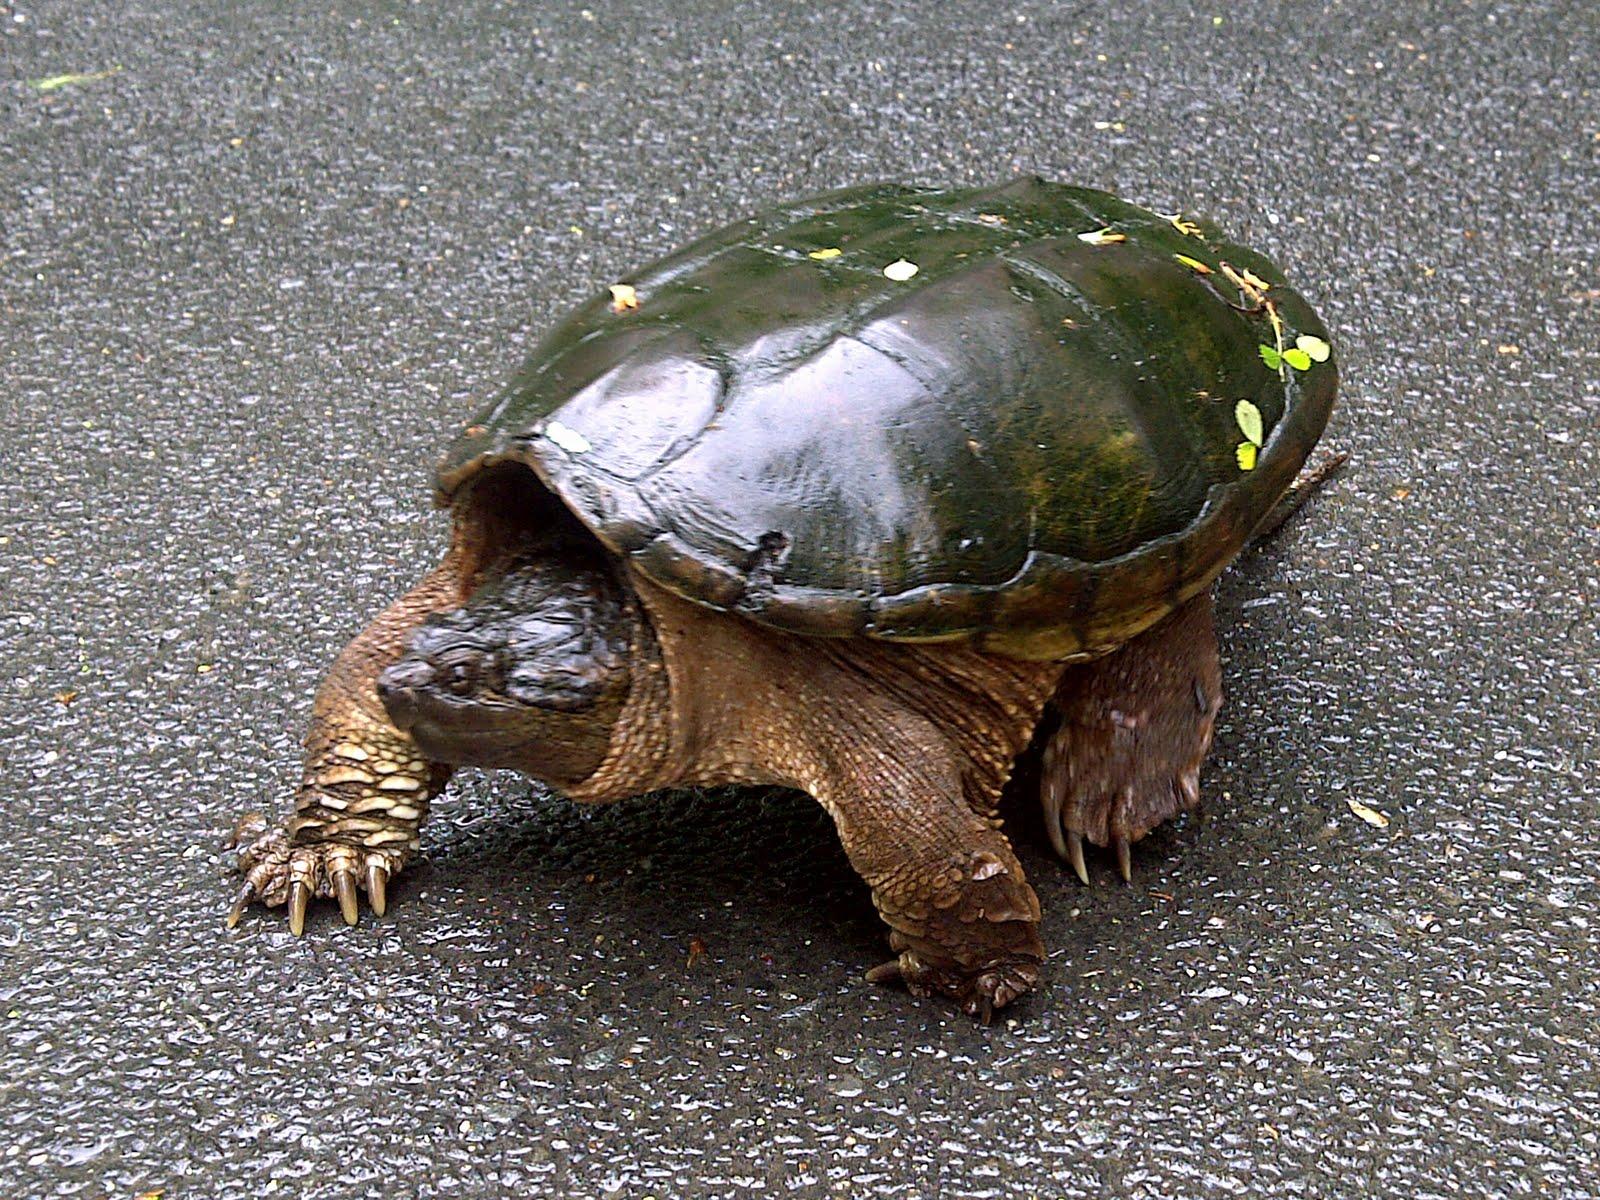 Baby Common Snapping Turtles The Veiled Chameleon Chameleons